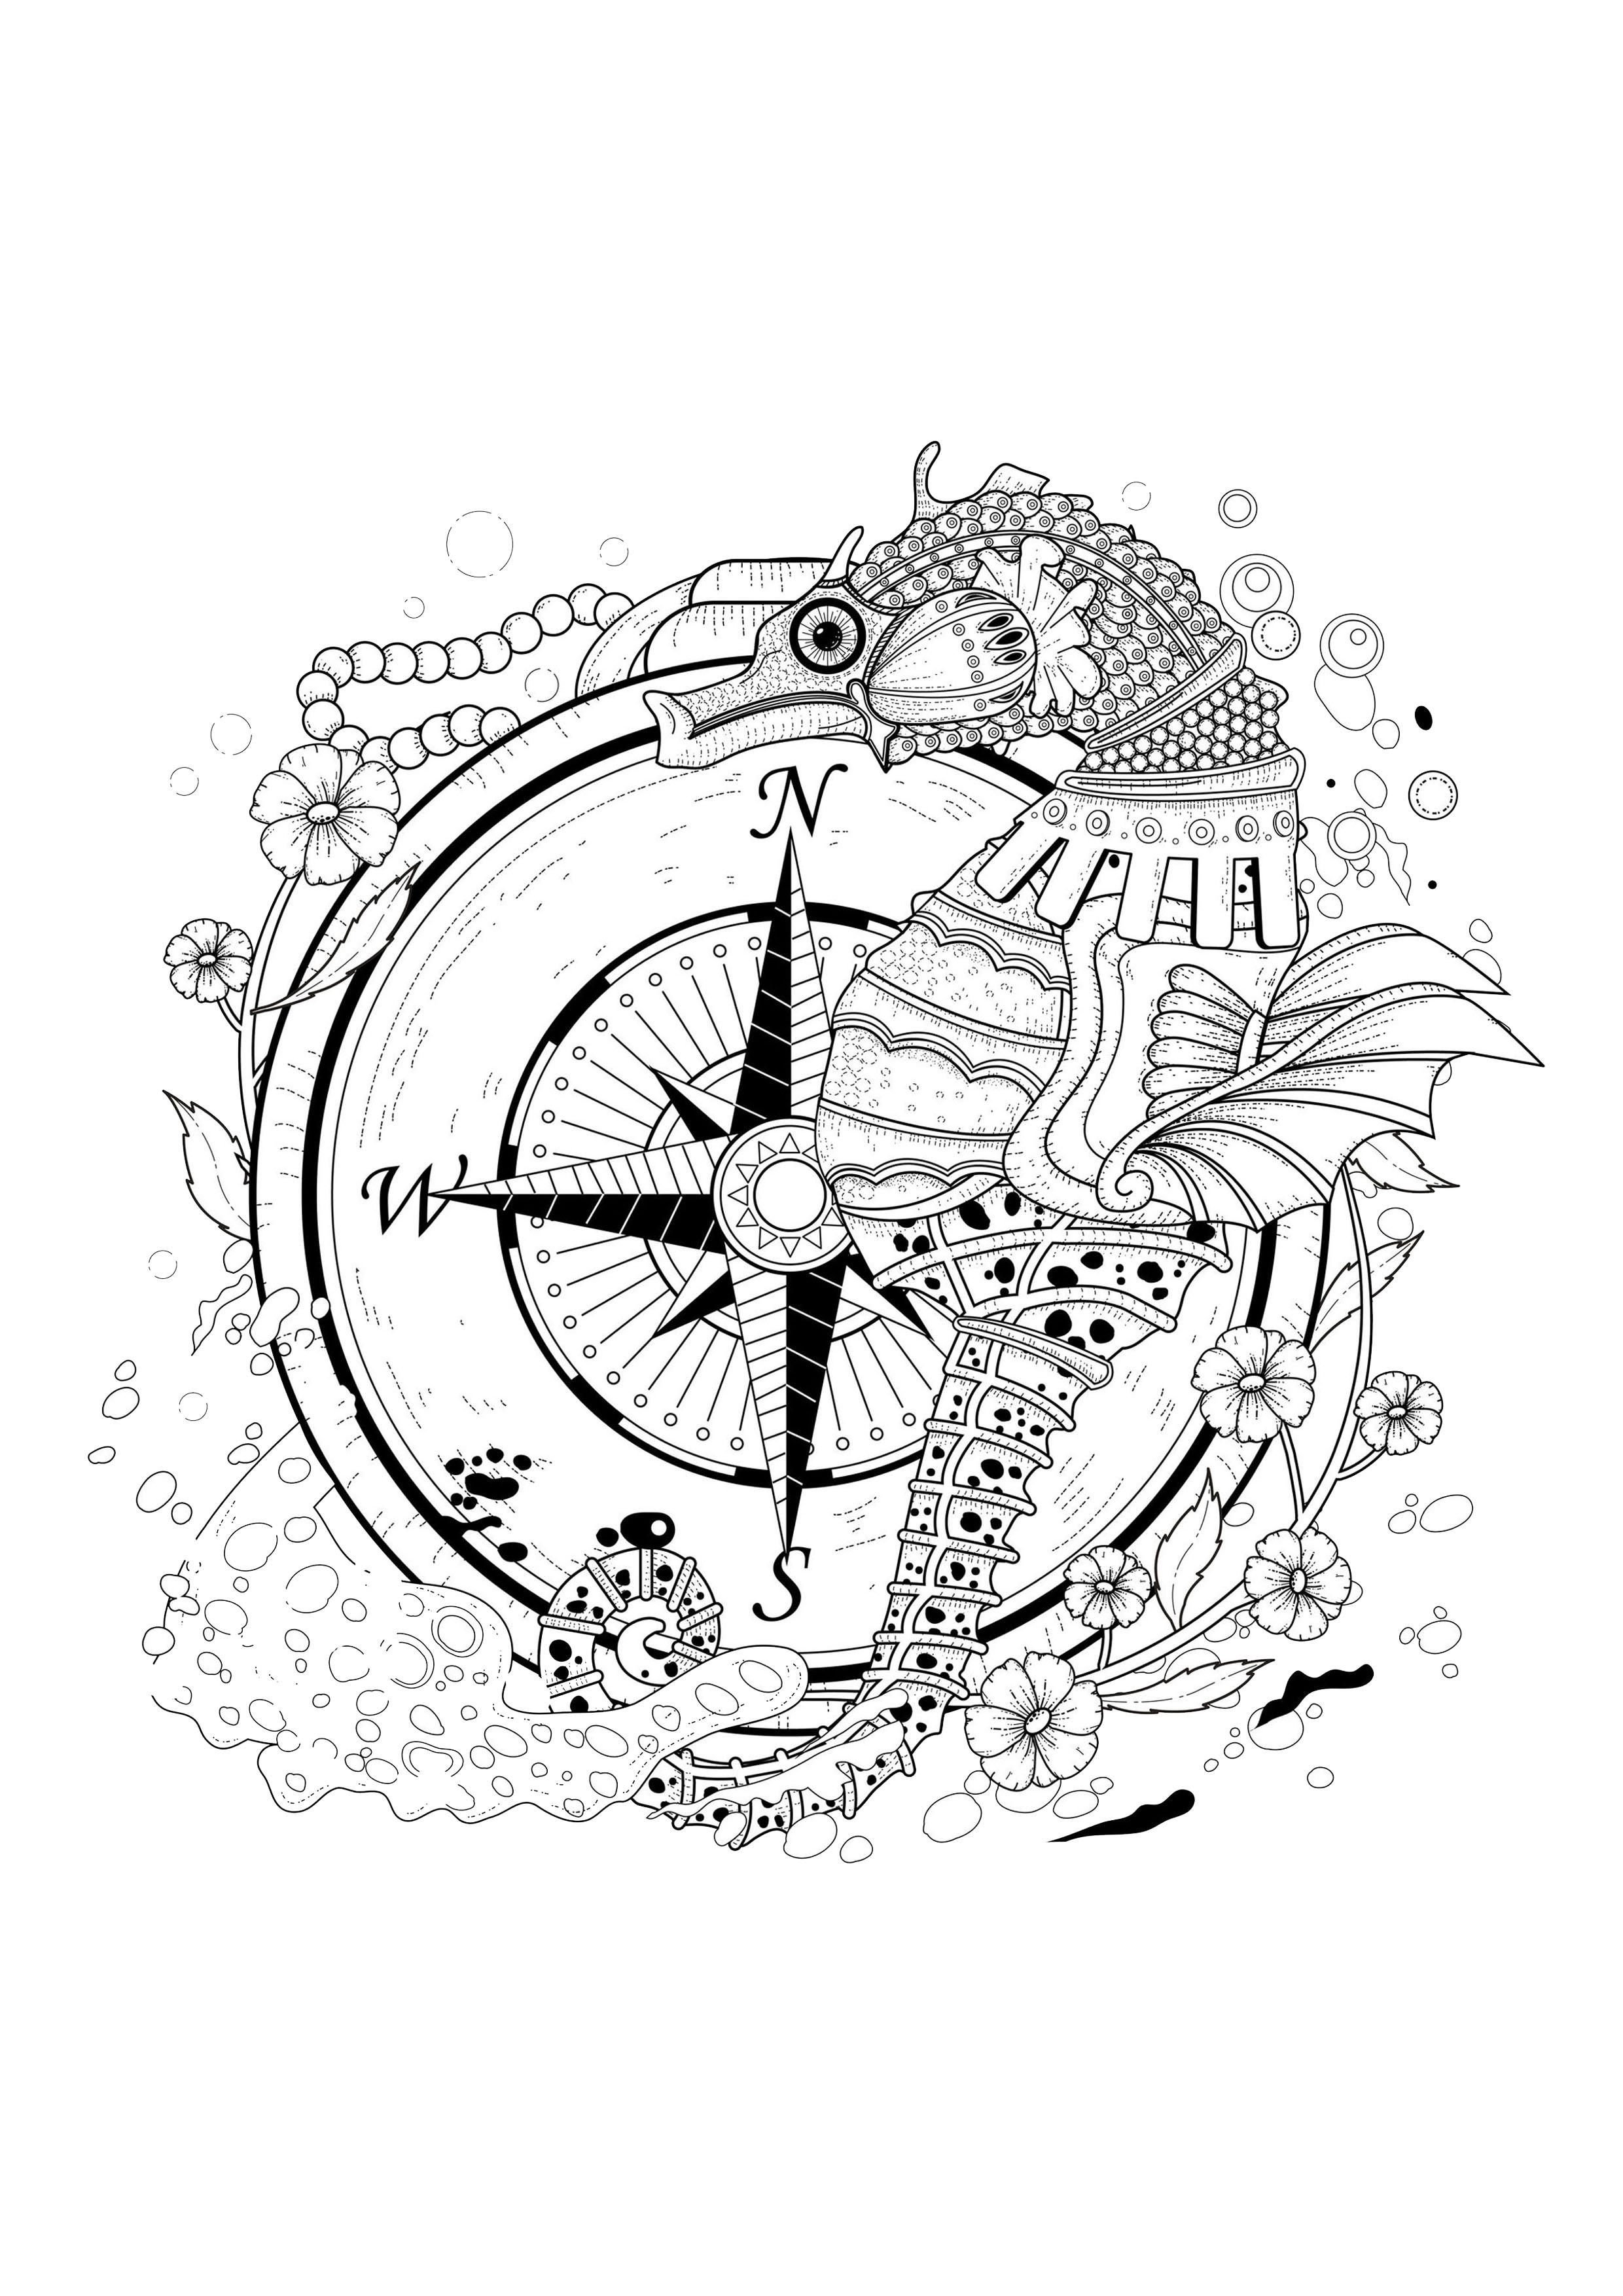 Colorear para adultos : Mundos acuáticos - 18